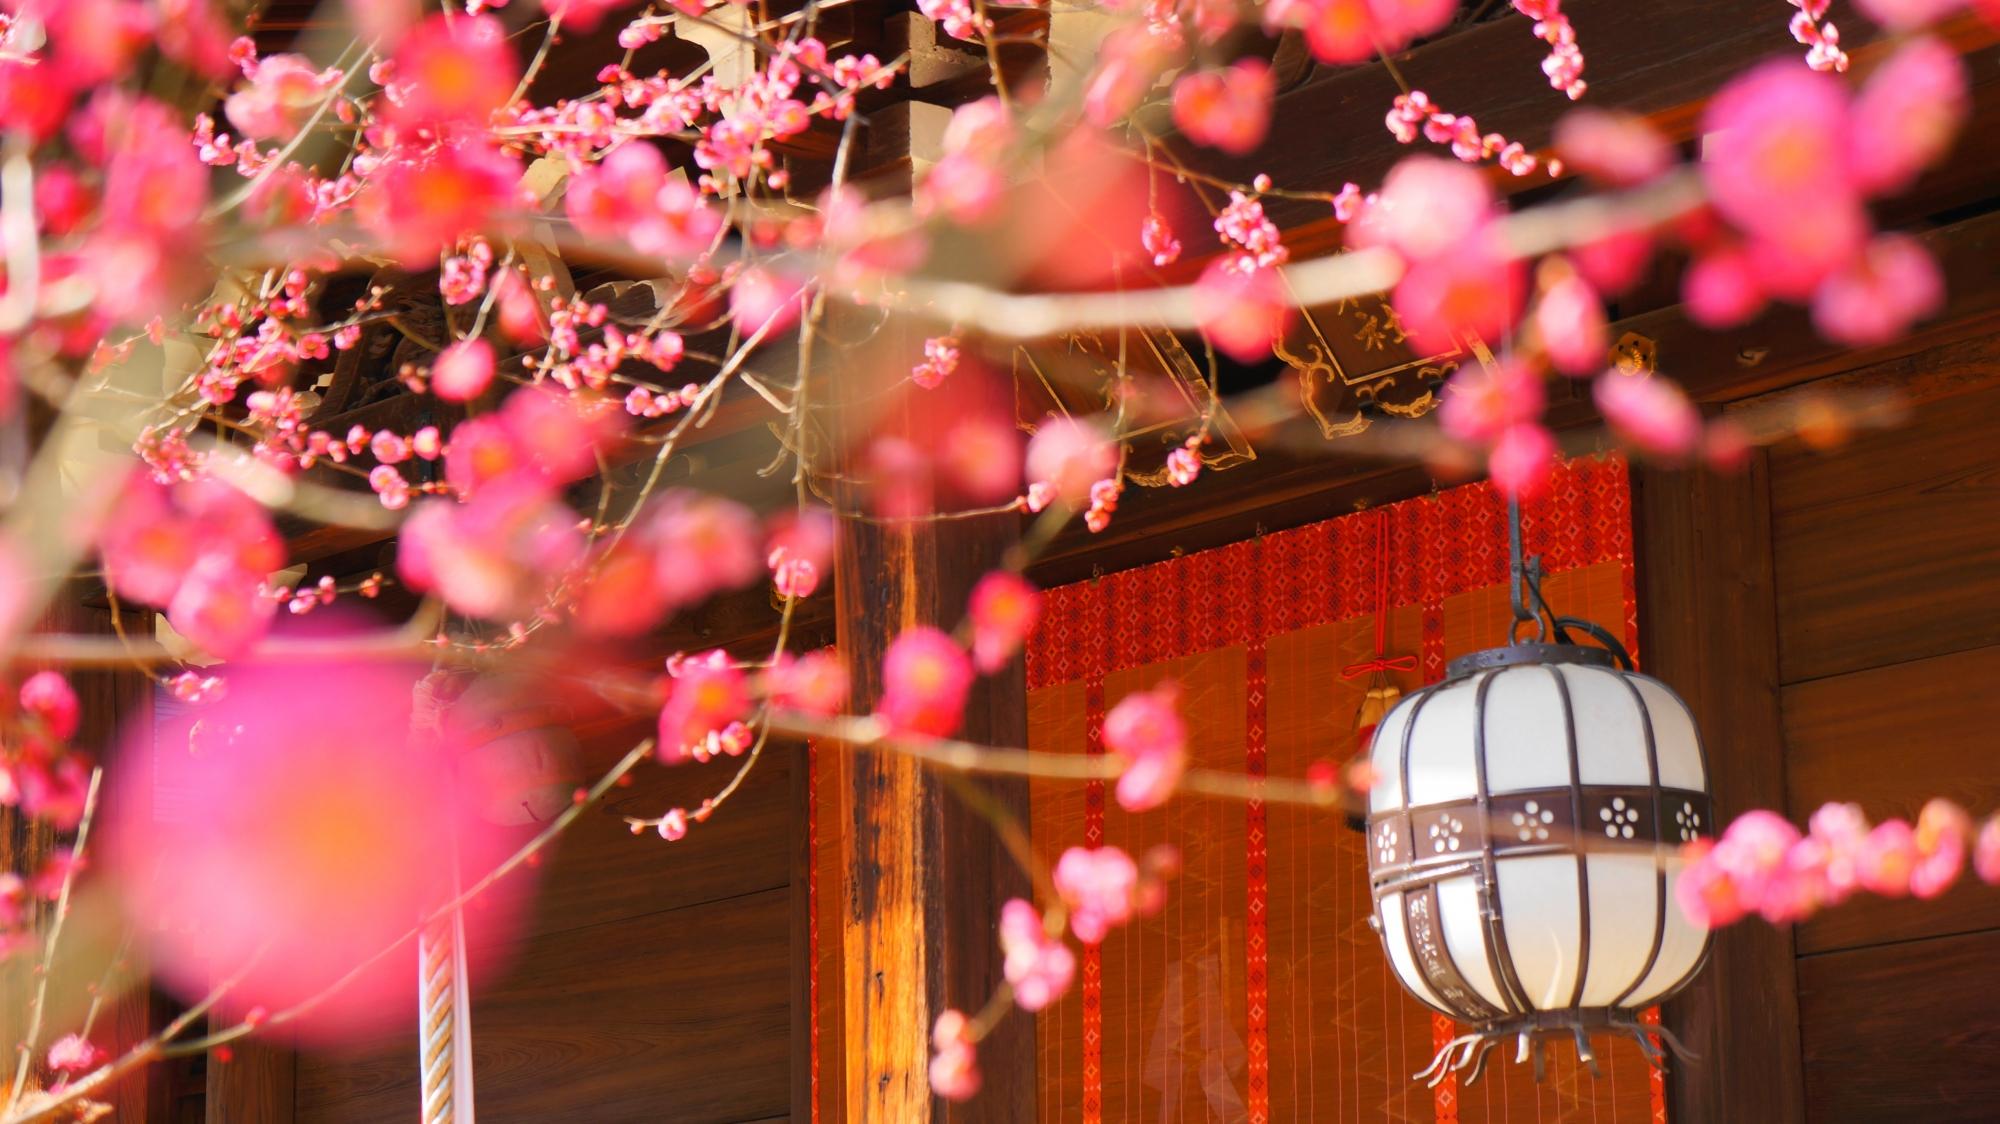 梅の花に良く合う白い吊るし灯篭